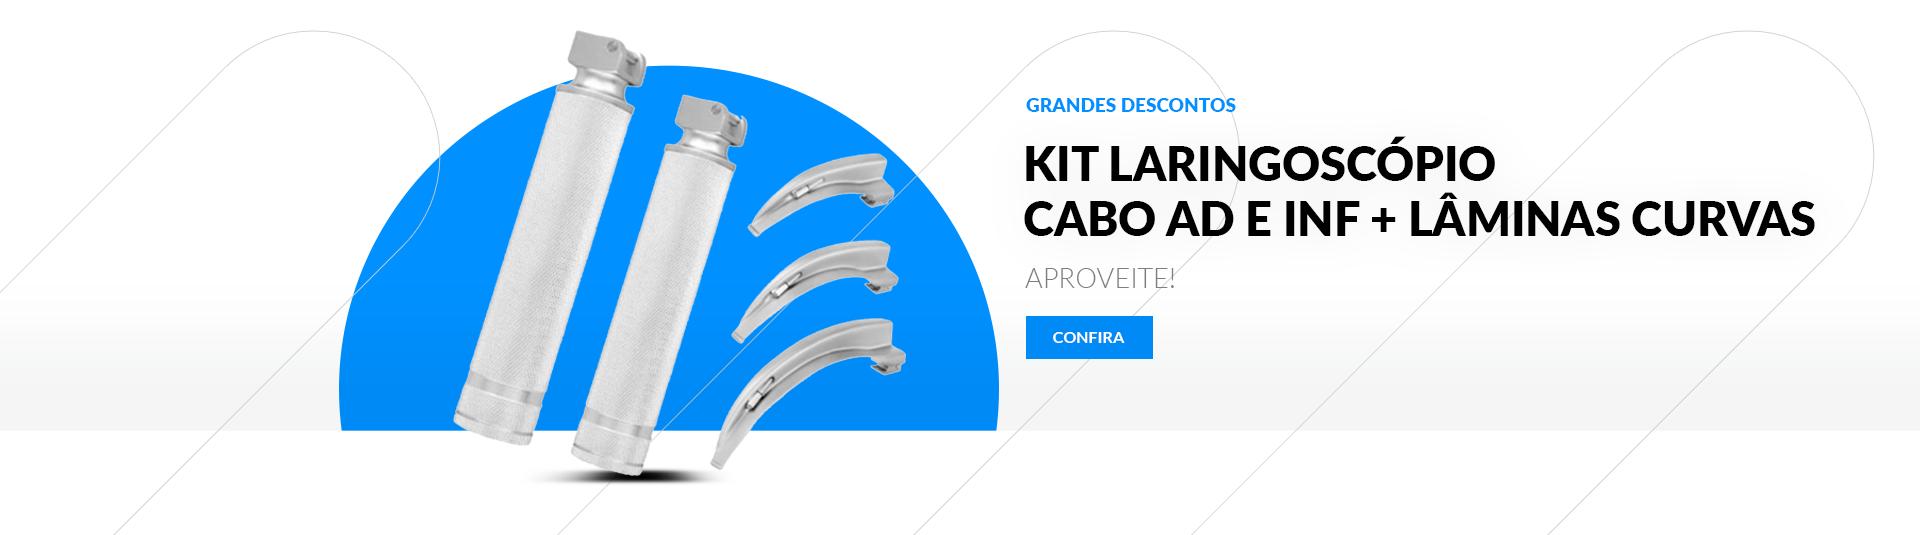 Kit Laringoscópio com Cabo Adulto e Infantil + Lâminas 1, 2 e 4 - Protec